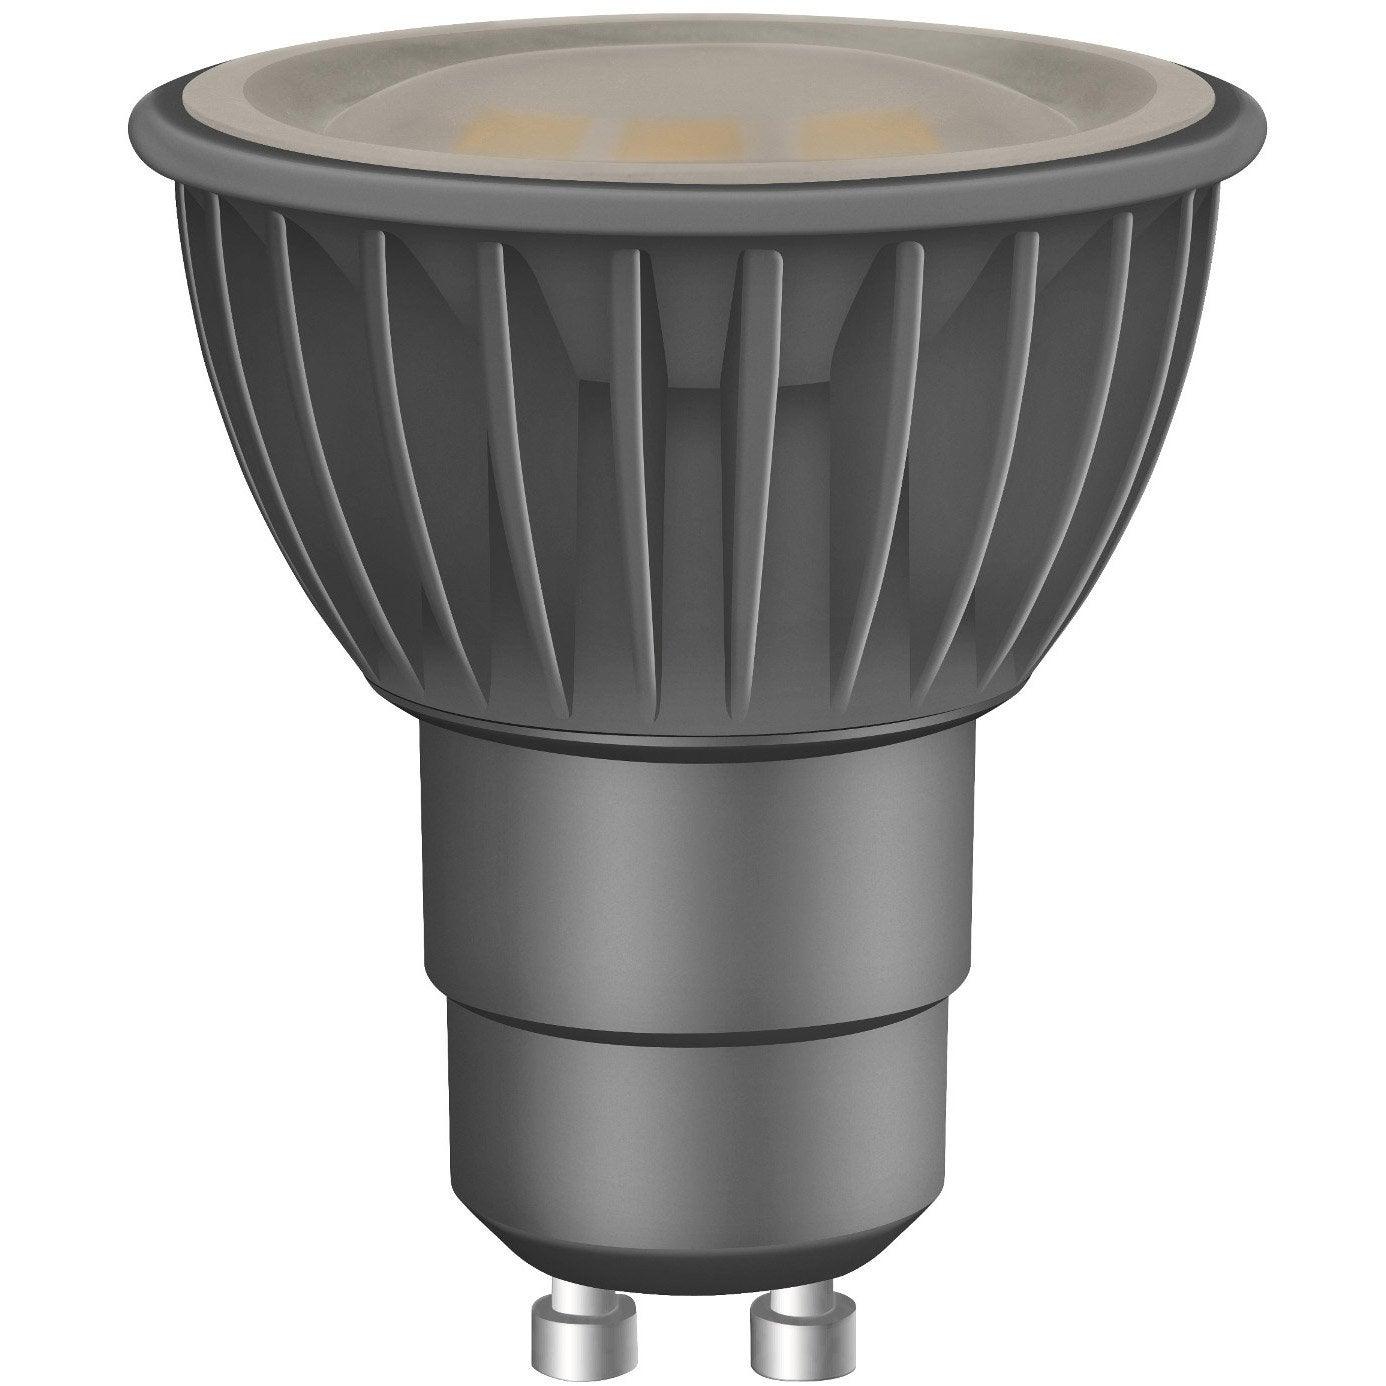 ampoule r flecteur led 6 5w 450lm quiv 50w gu10 2700k. Black Bedroom Furniture Sets. Home Design Ideas